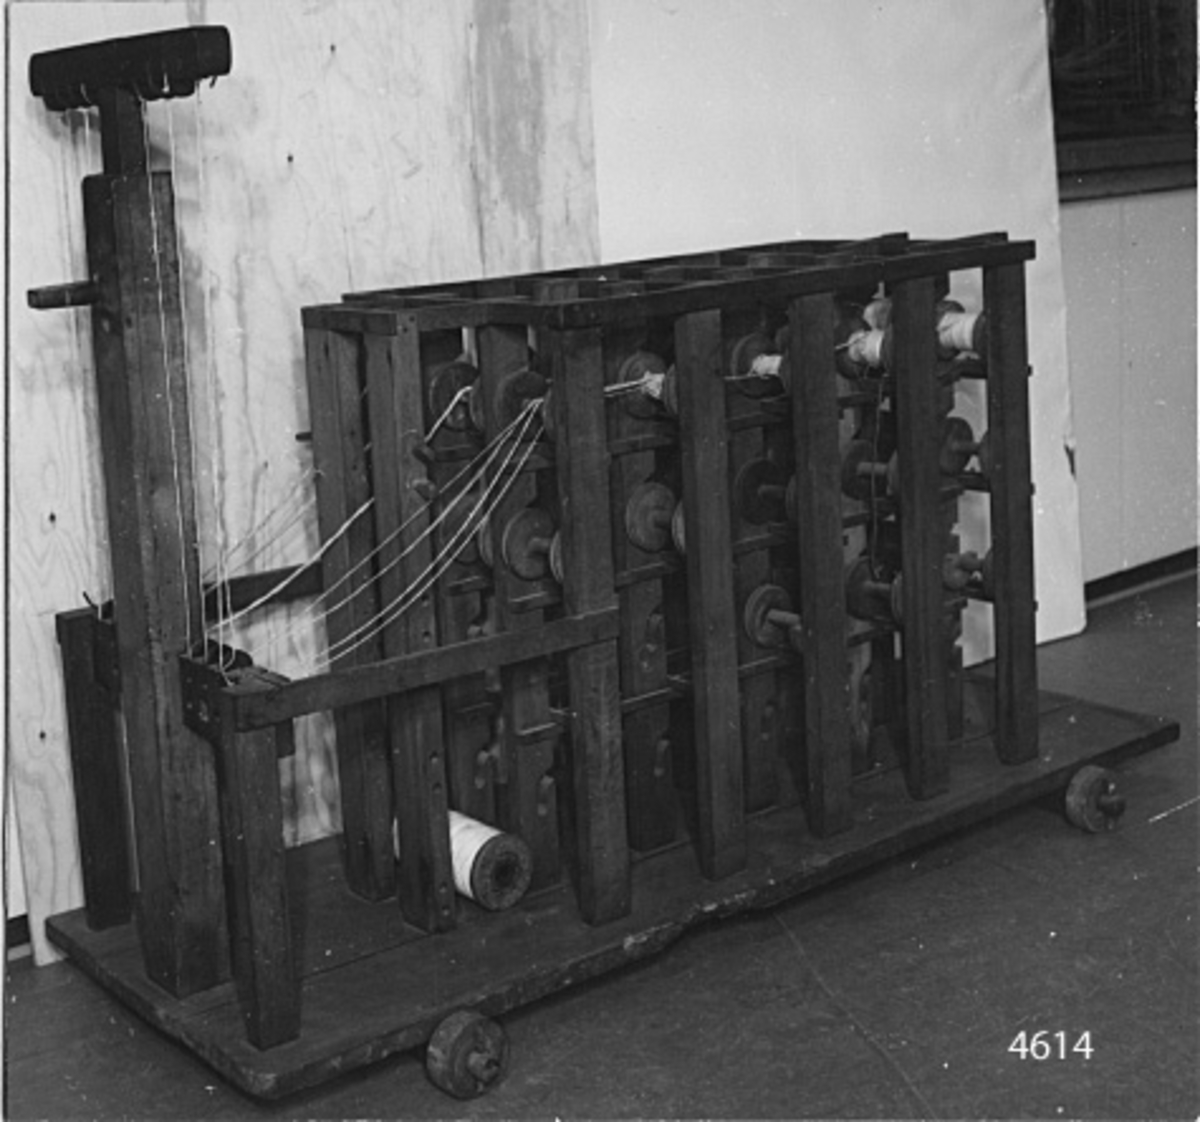 Garnställning med plats för 60 stycken rullar av trä till bomullsgarn, att avrullas vid slagning av tågvirke. Rullarna lagrar oberoende av varandra. Vid avrullningen föres garnet ut från rullarna runt trissor av järn, lagrade på en tvärslå samt över dess trissor för att fortsätta till slagning av tågvirke. ställningen flyttbar på fyra stycken hjul av trä.